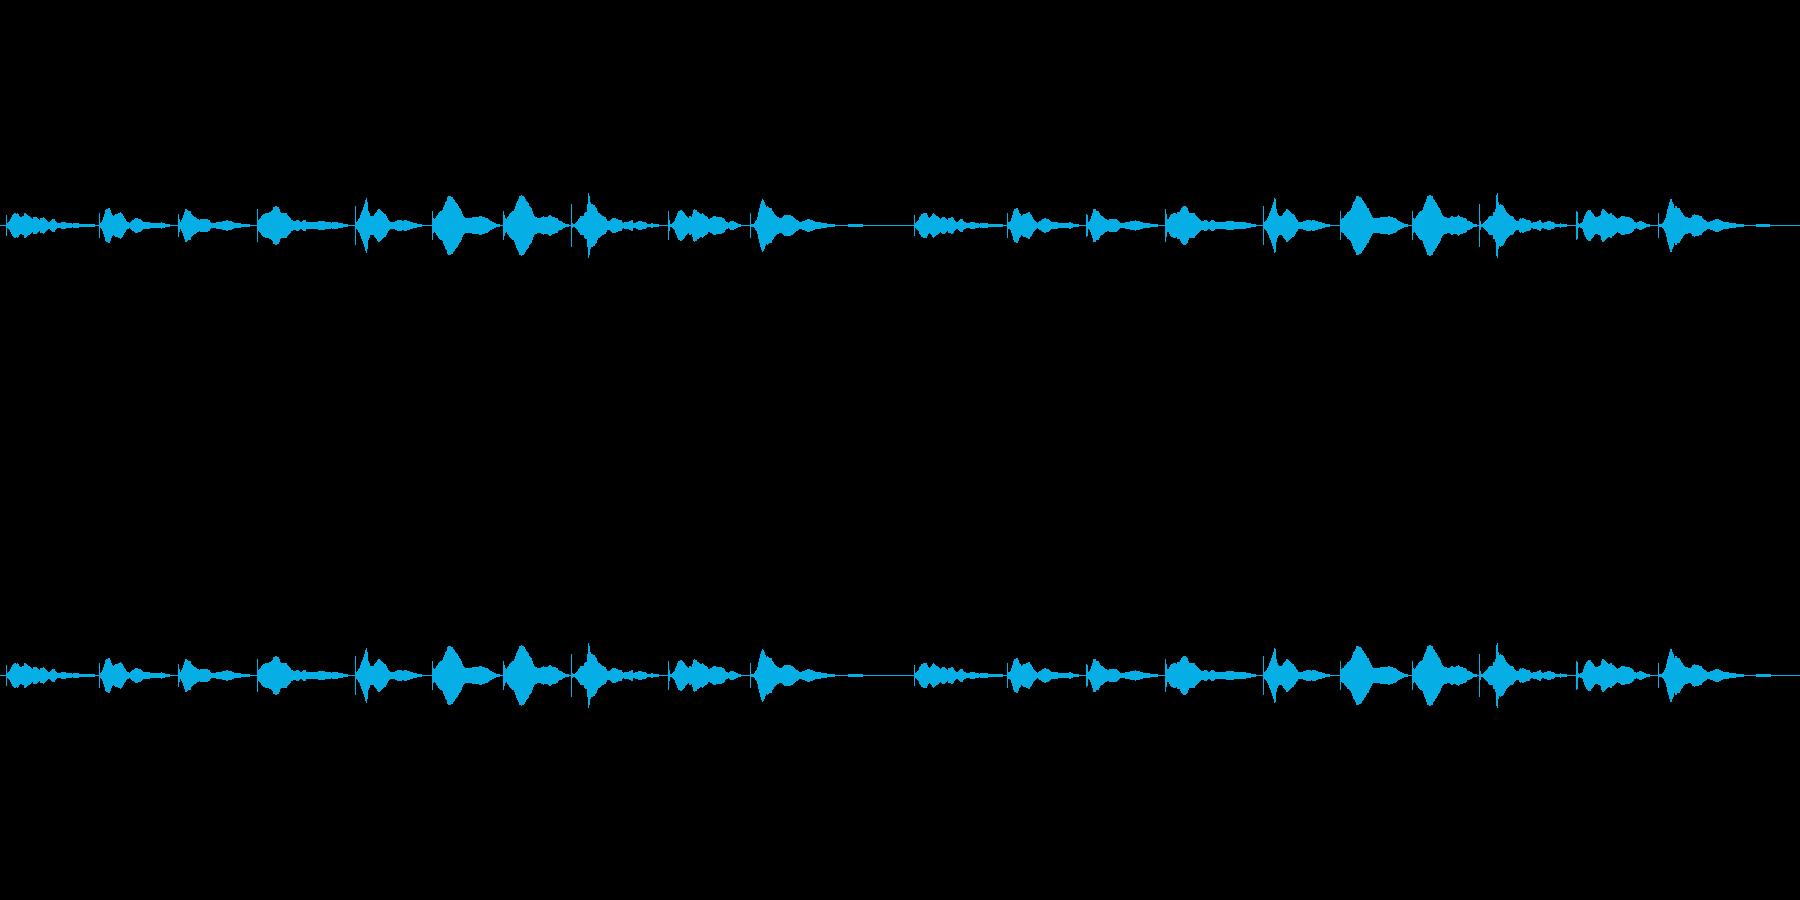 528hzの音叉 ソルフェジオ周波数の再生済みの波形